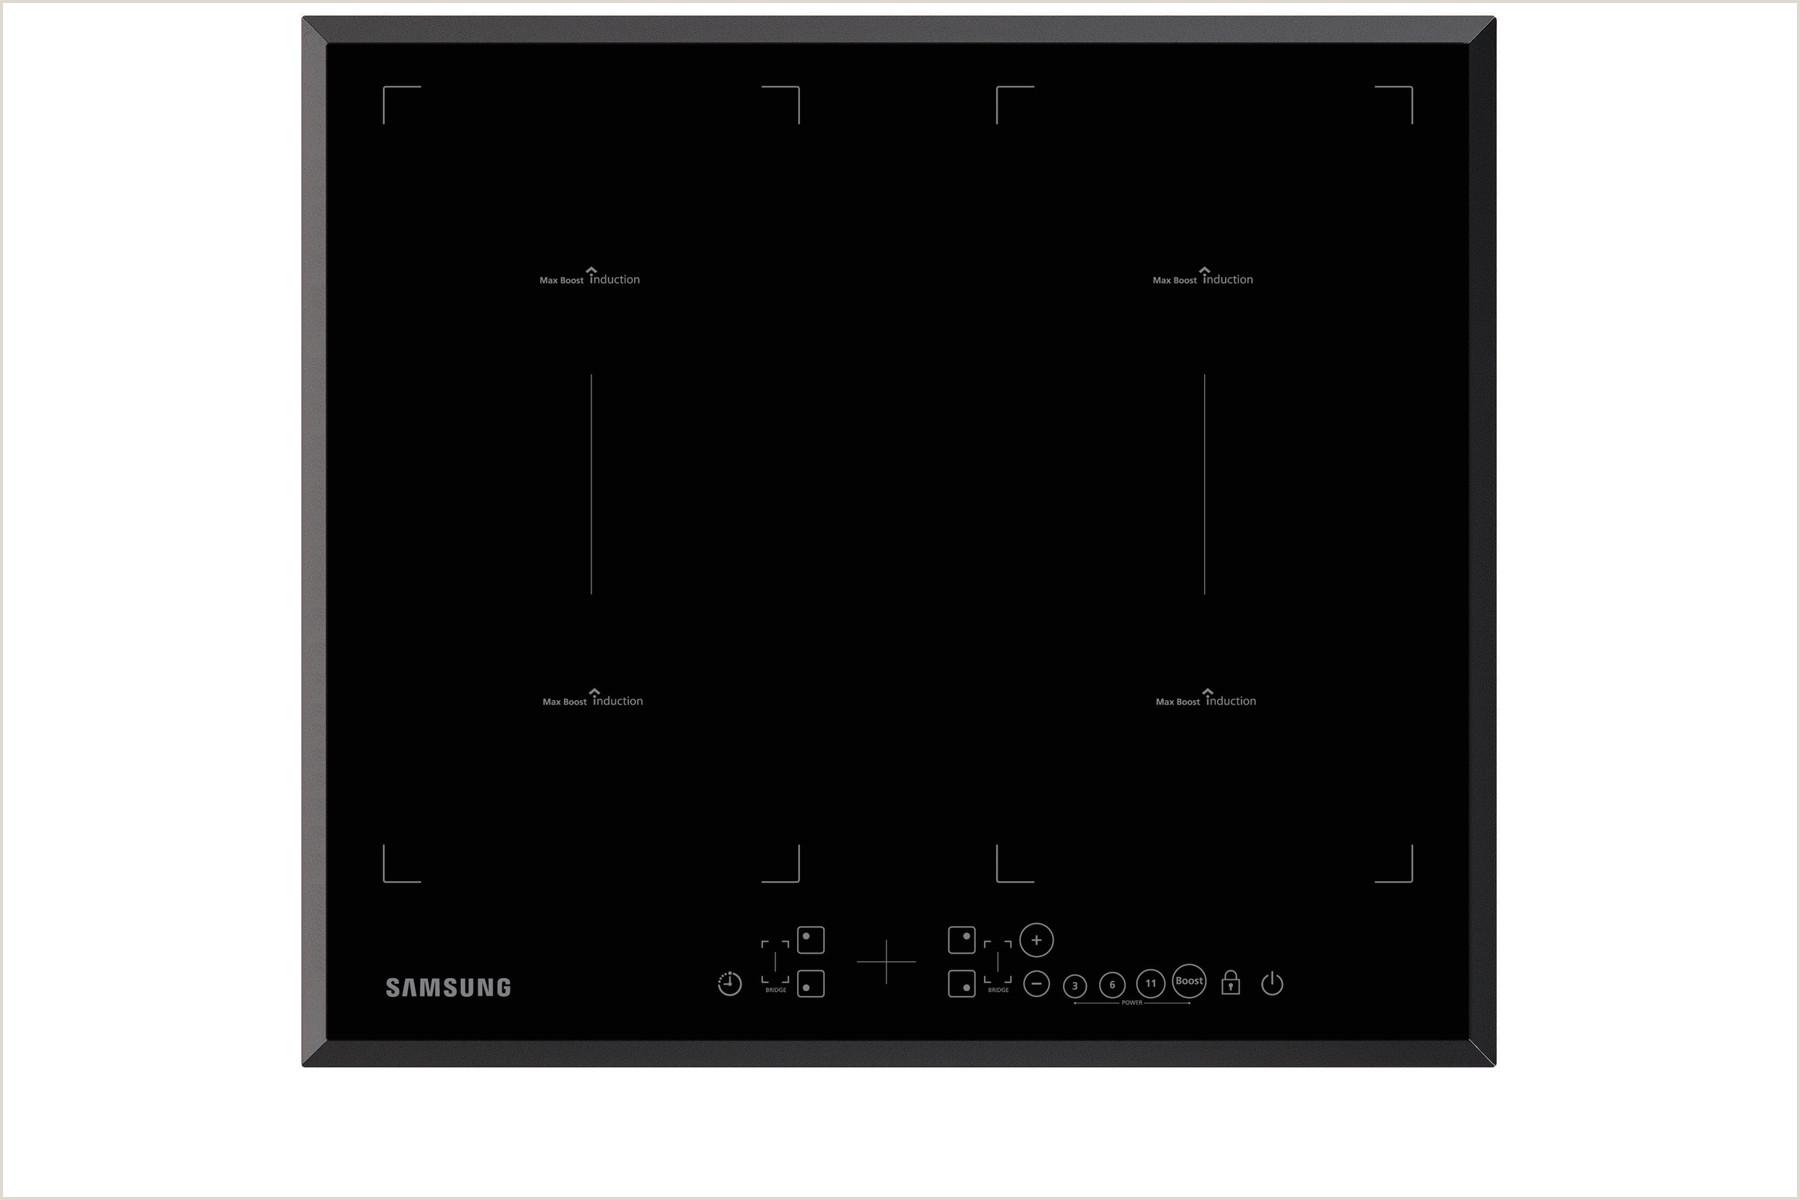 Formato De Hoja De Vida De Equipos Y Herramientas Samsung Electroménager Plaque De Cuisson Table Induction 2